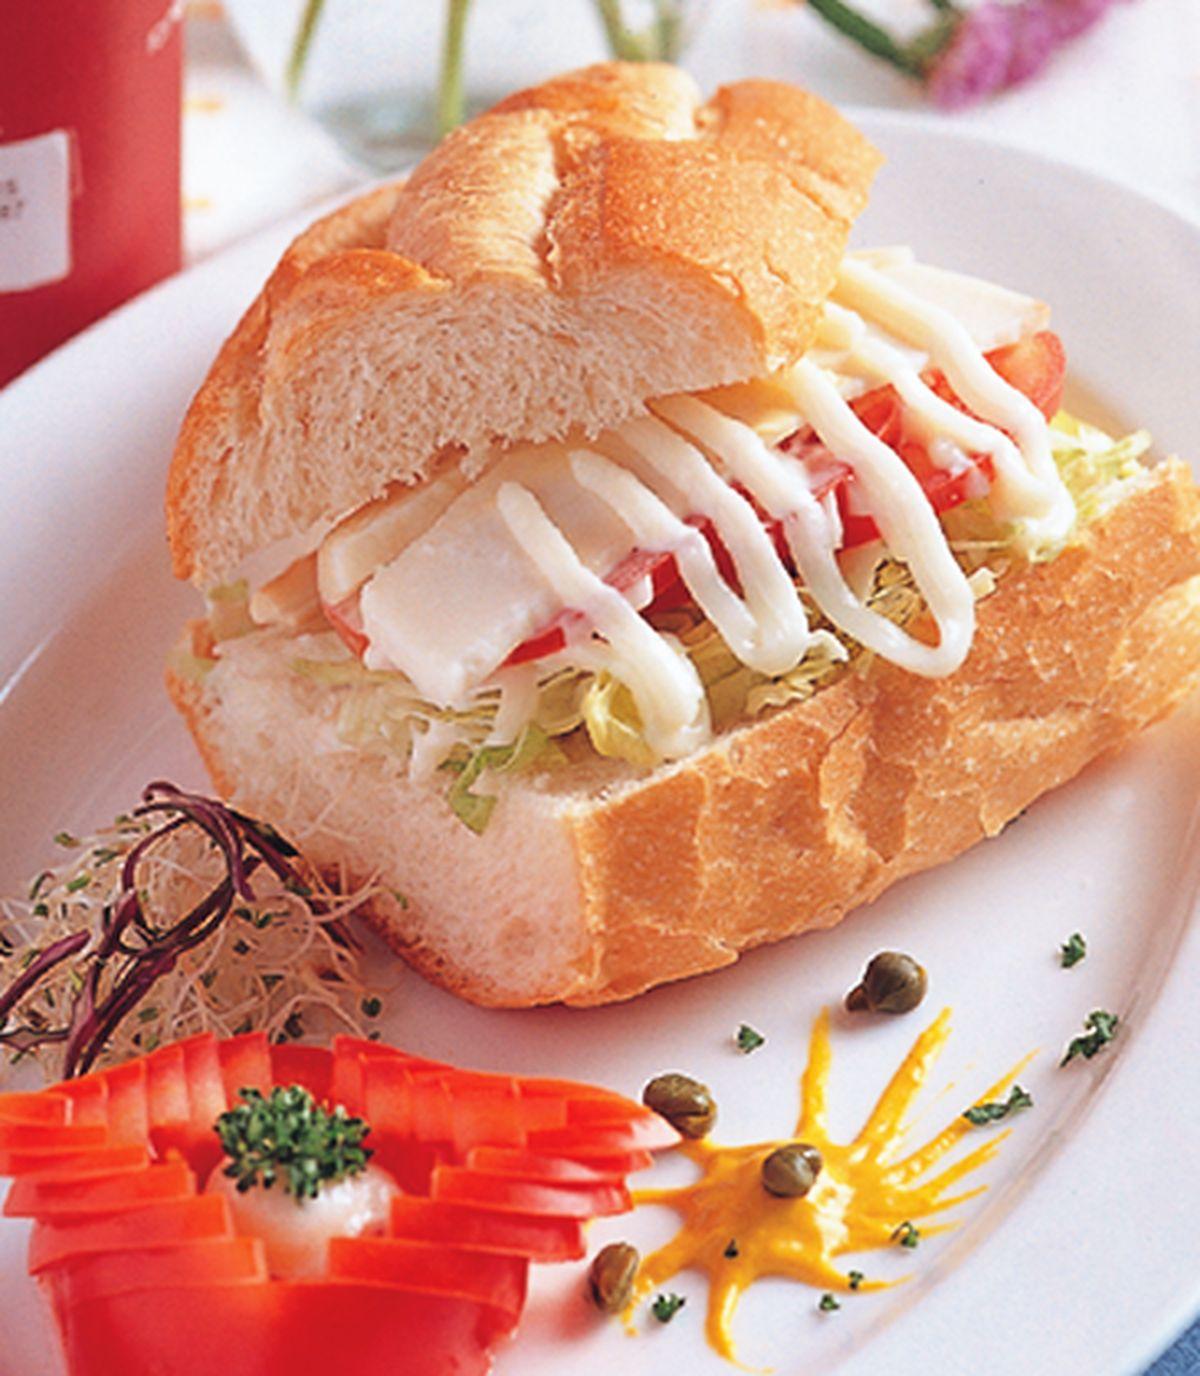 食譜:雪佛瑞特起士蕃茄潛艇堡